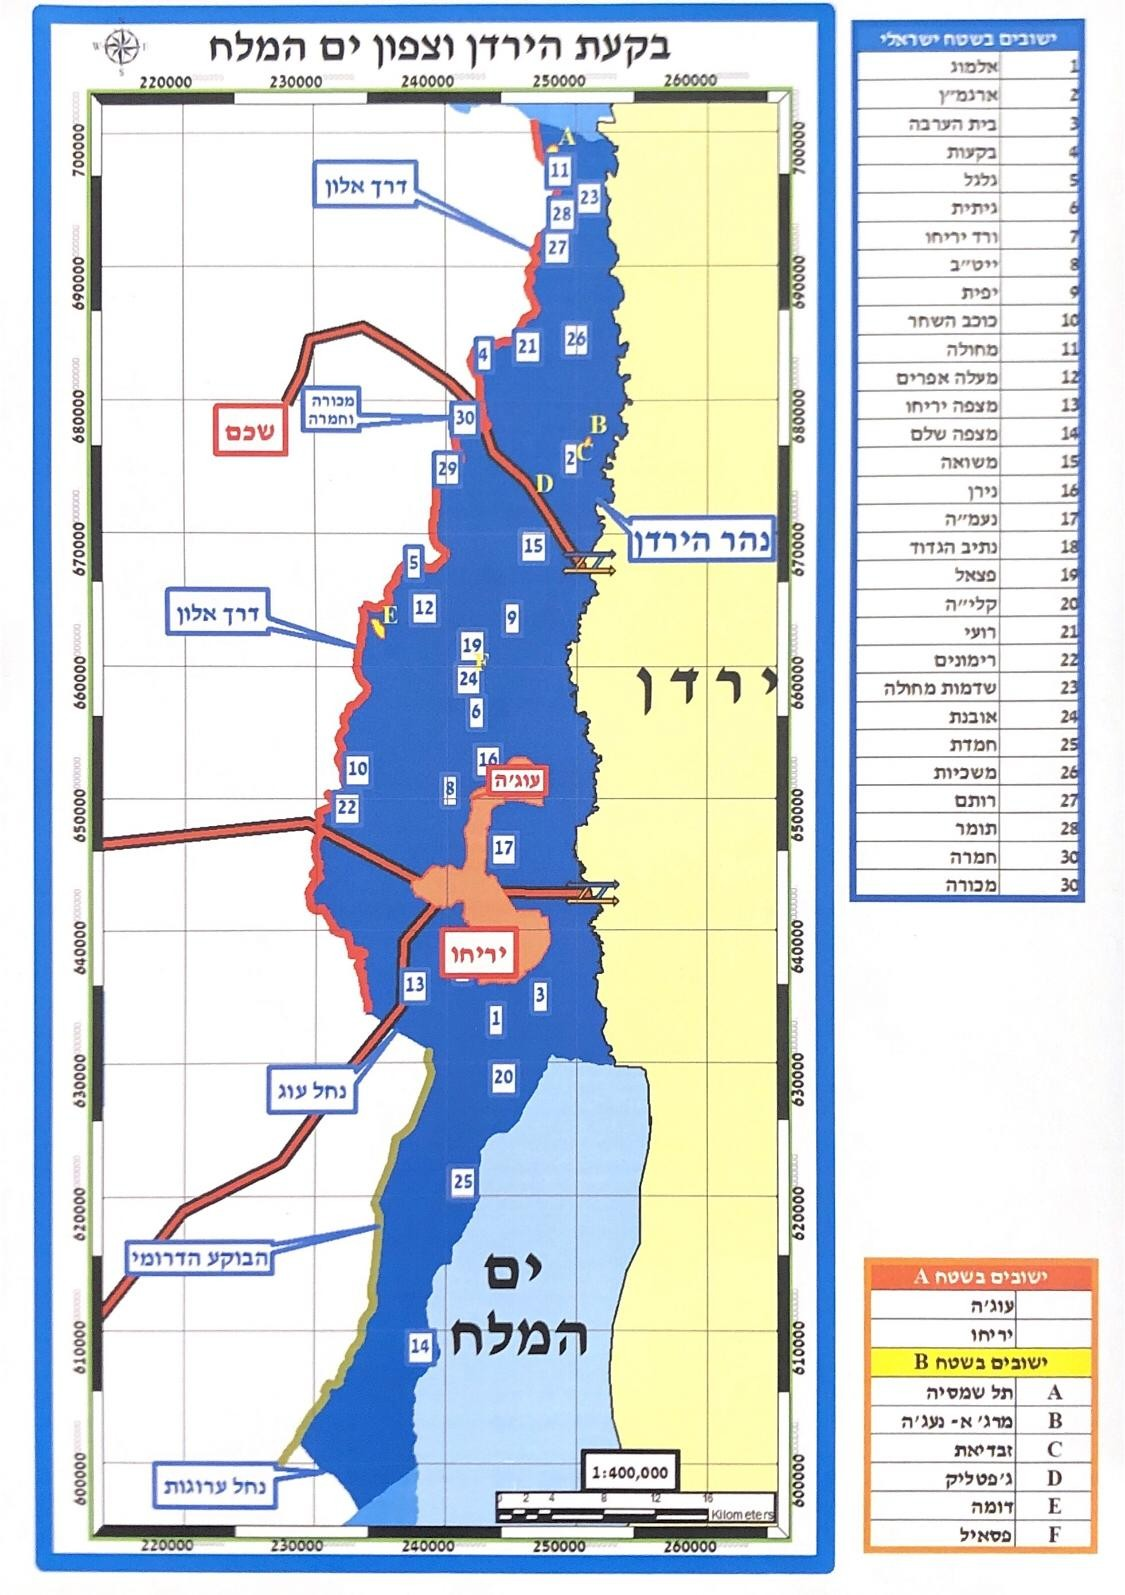 نتنياهو يعرض خريطة للمناطق التي سيتم إعلان السيادة عليها في الأغوار الشمالية المحتلة